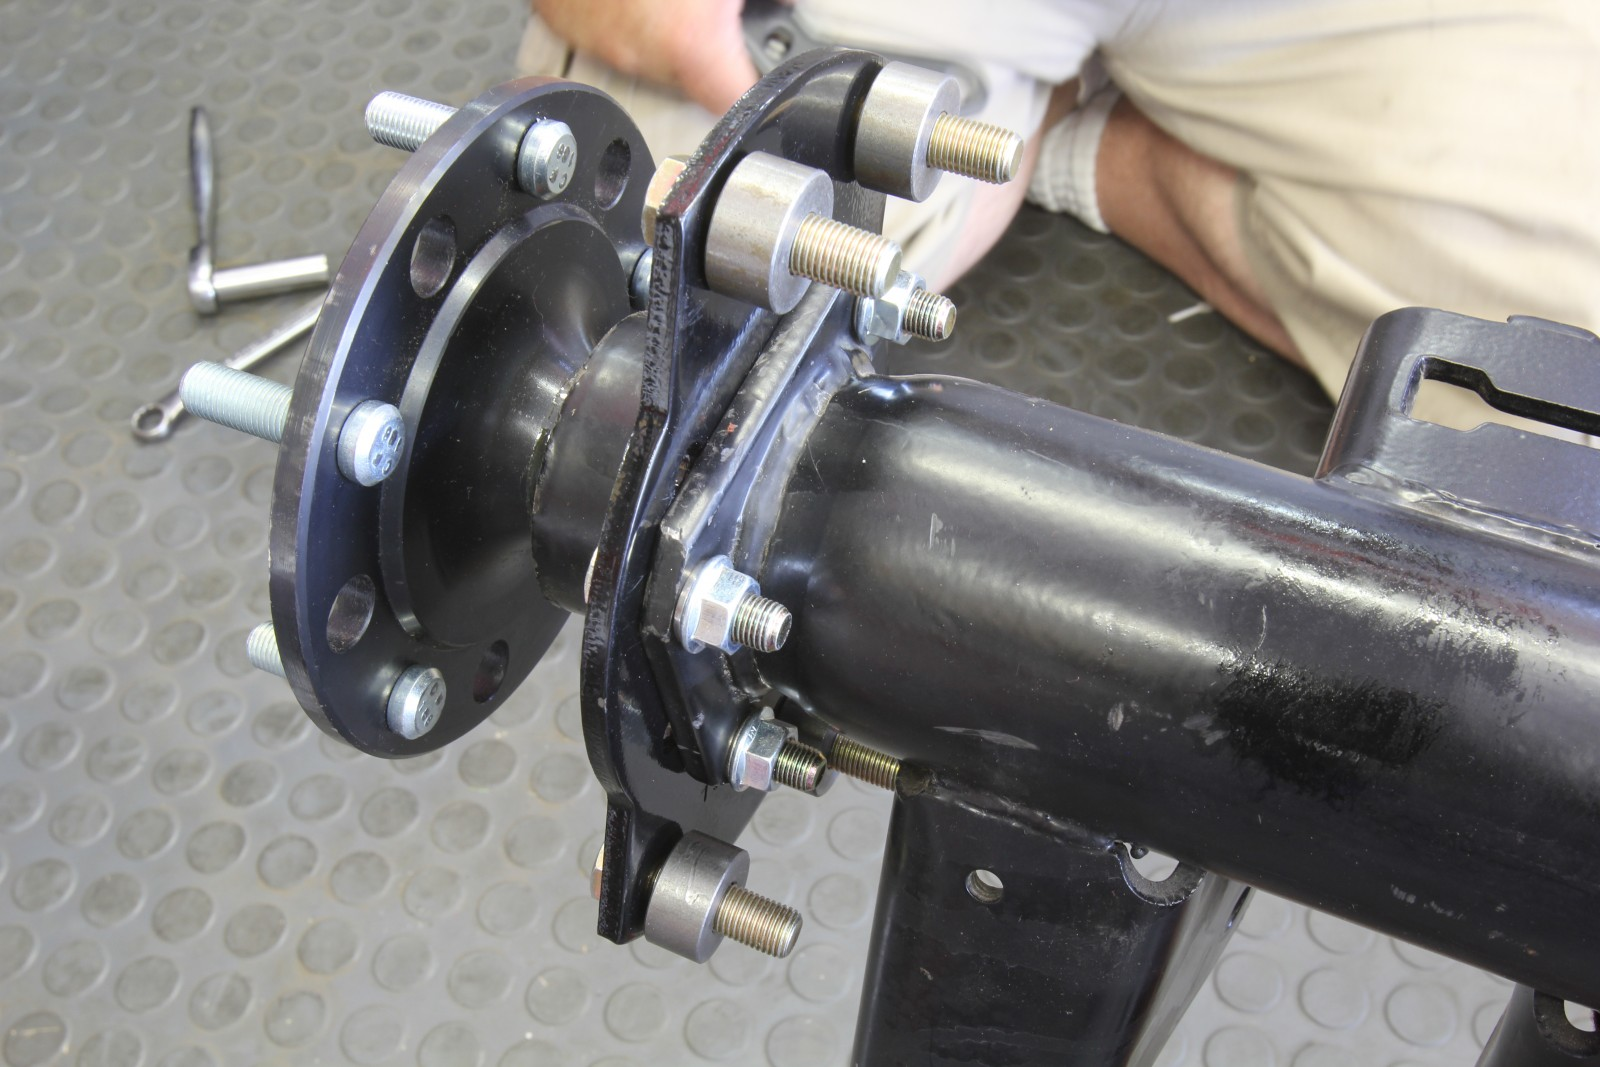 Braking News: Installing a Summit Racing Rear Disc Brake Conversion